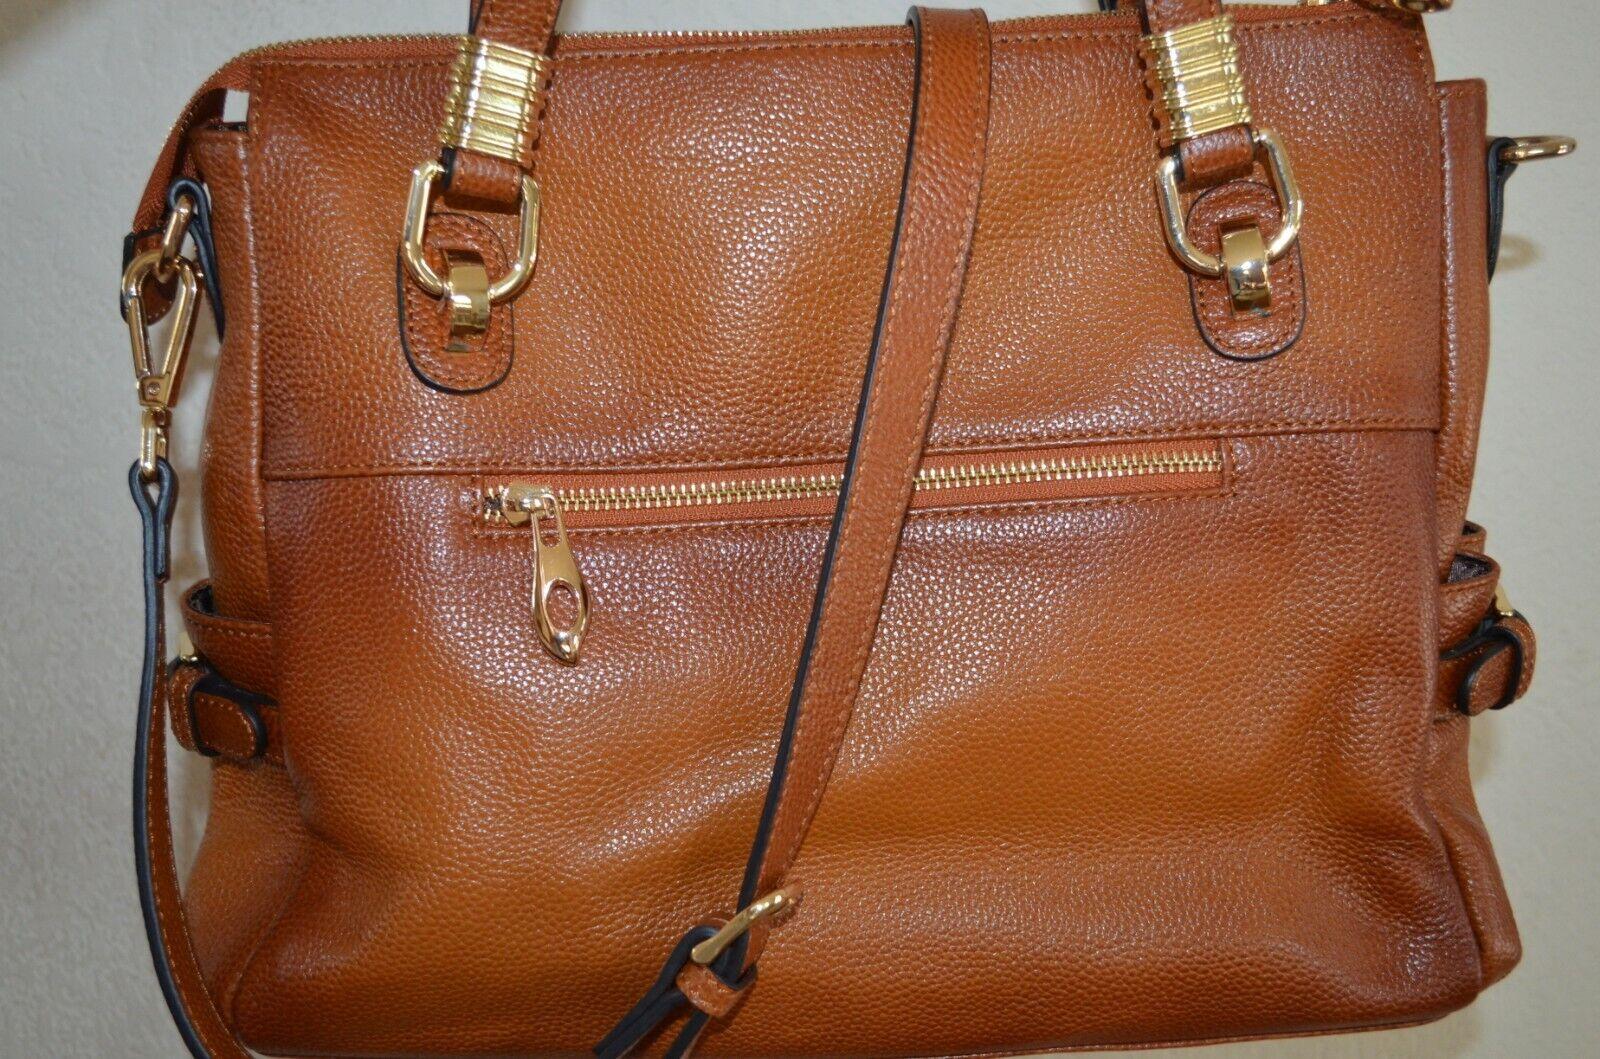 S-ZONE Women's Vintage Genuine Leather Handbag Shoulder Bag